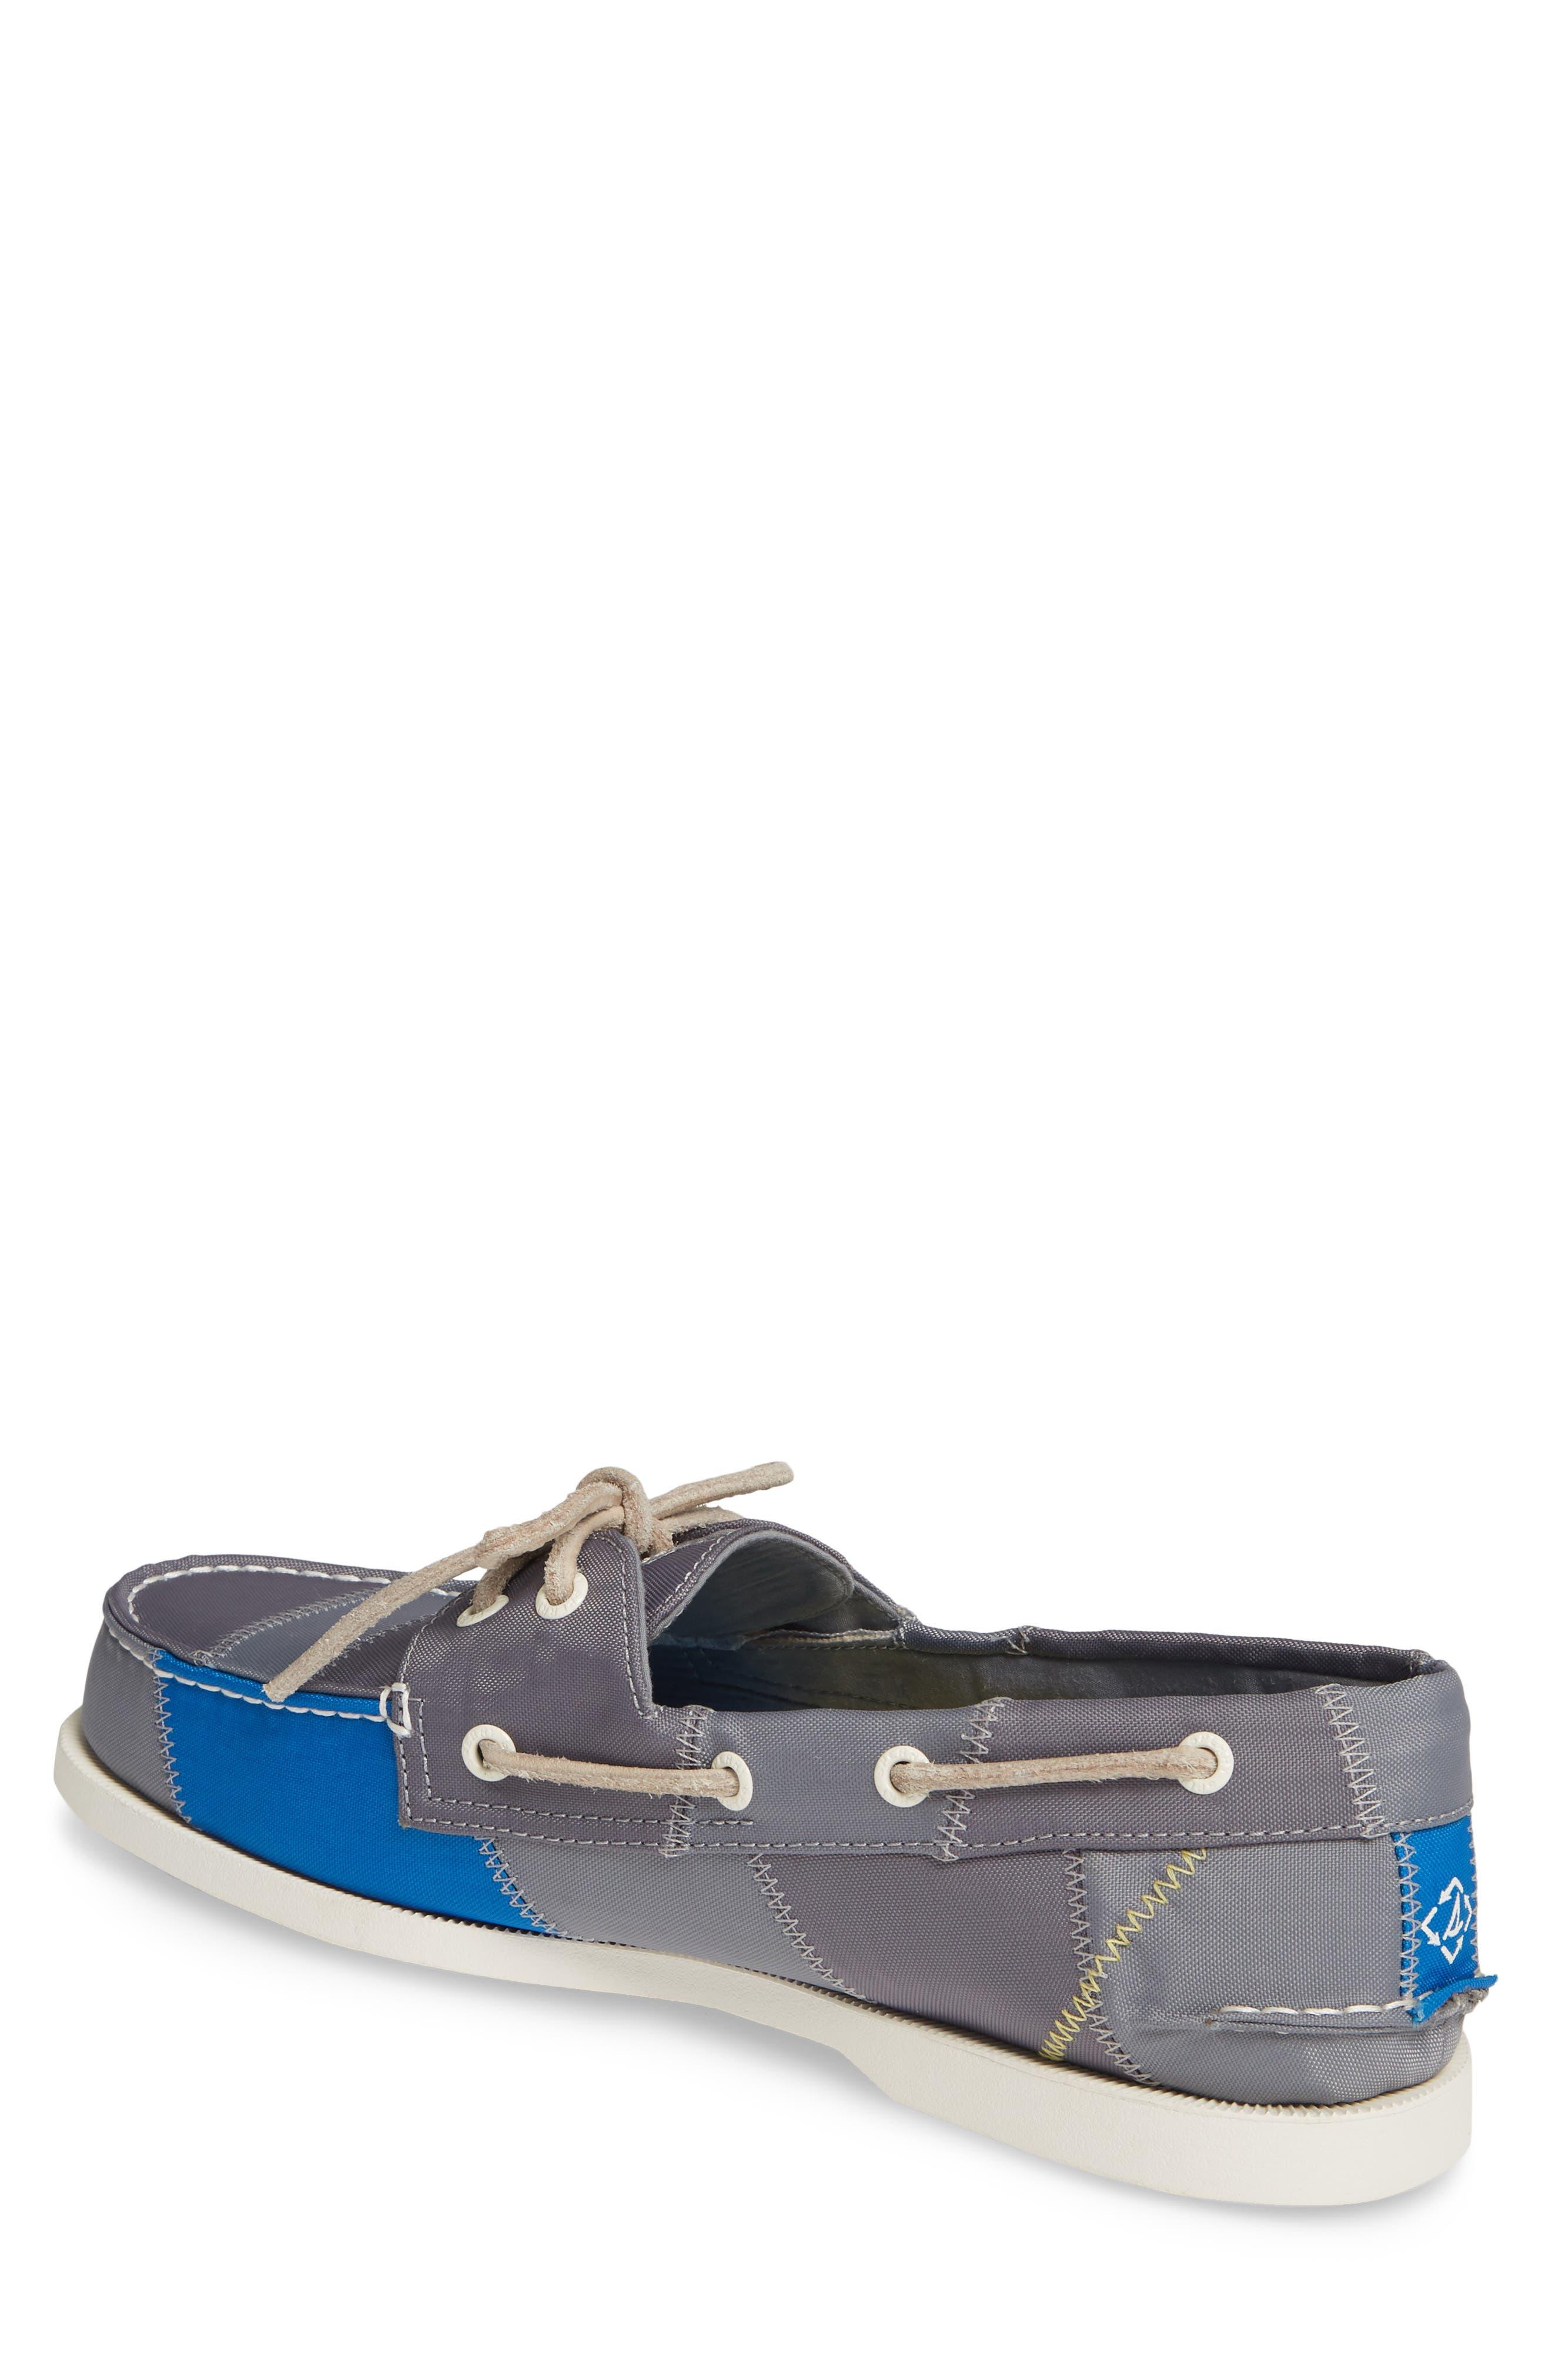 ,                             Authentic Original BIONIC<sup>®</sup> Boat Shoe,                             Alternate thumbnail 2, color,                             GREY/ BLUE